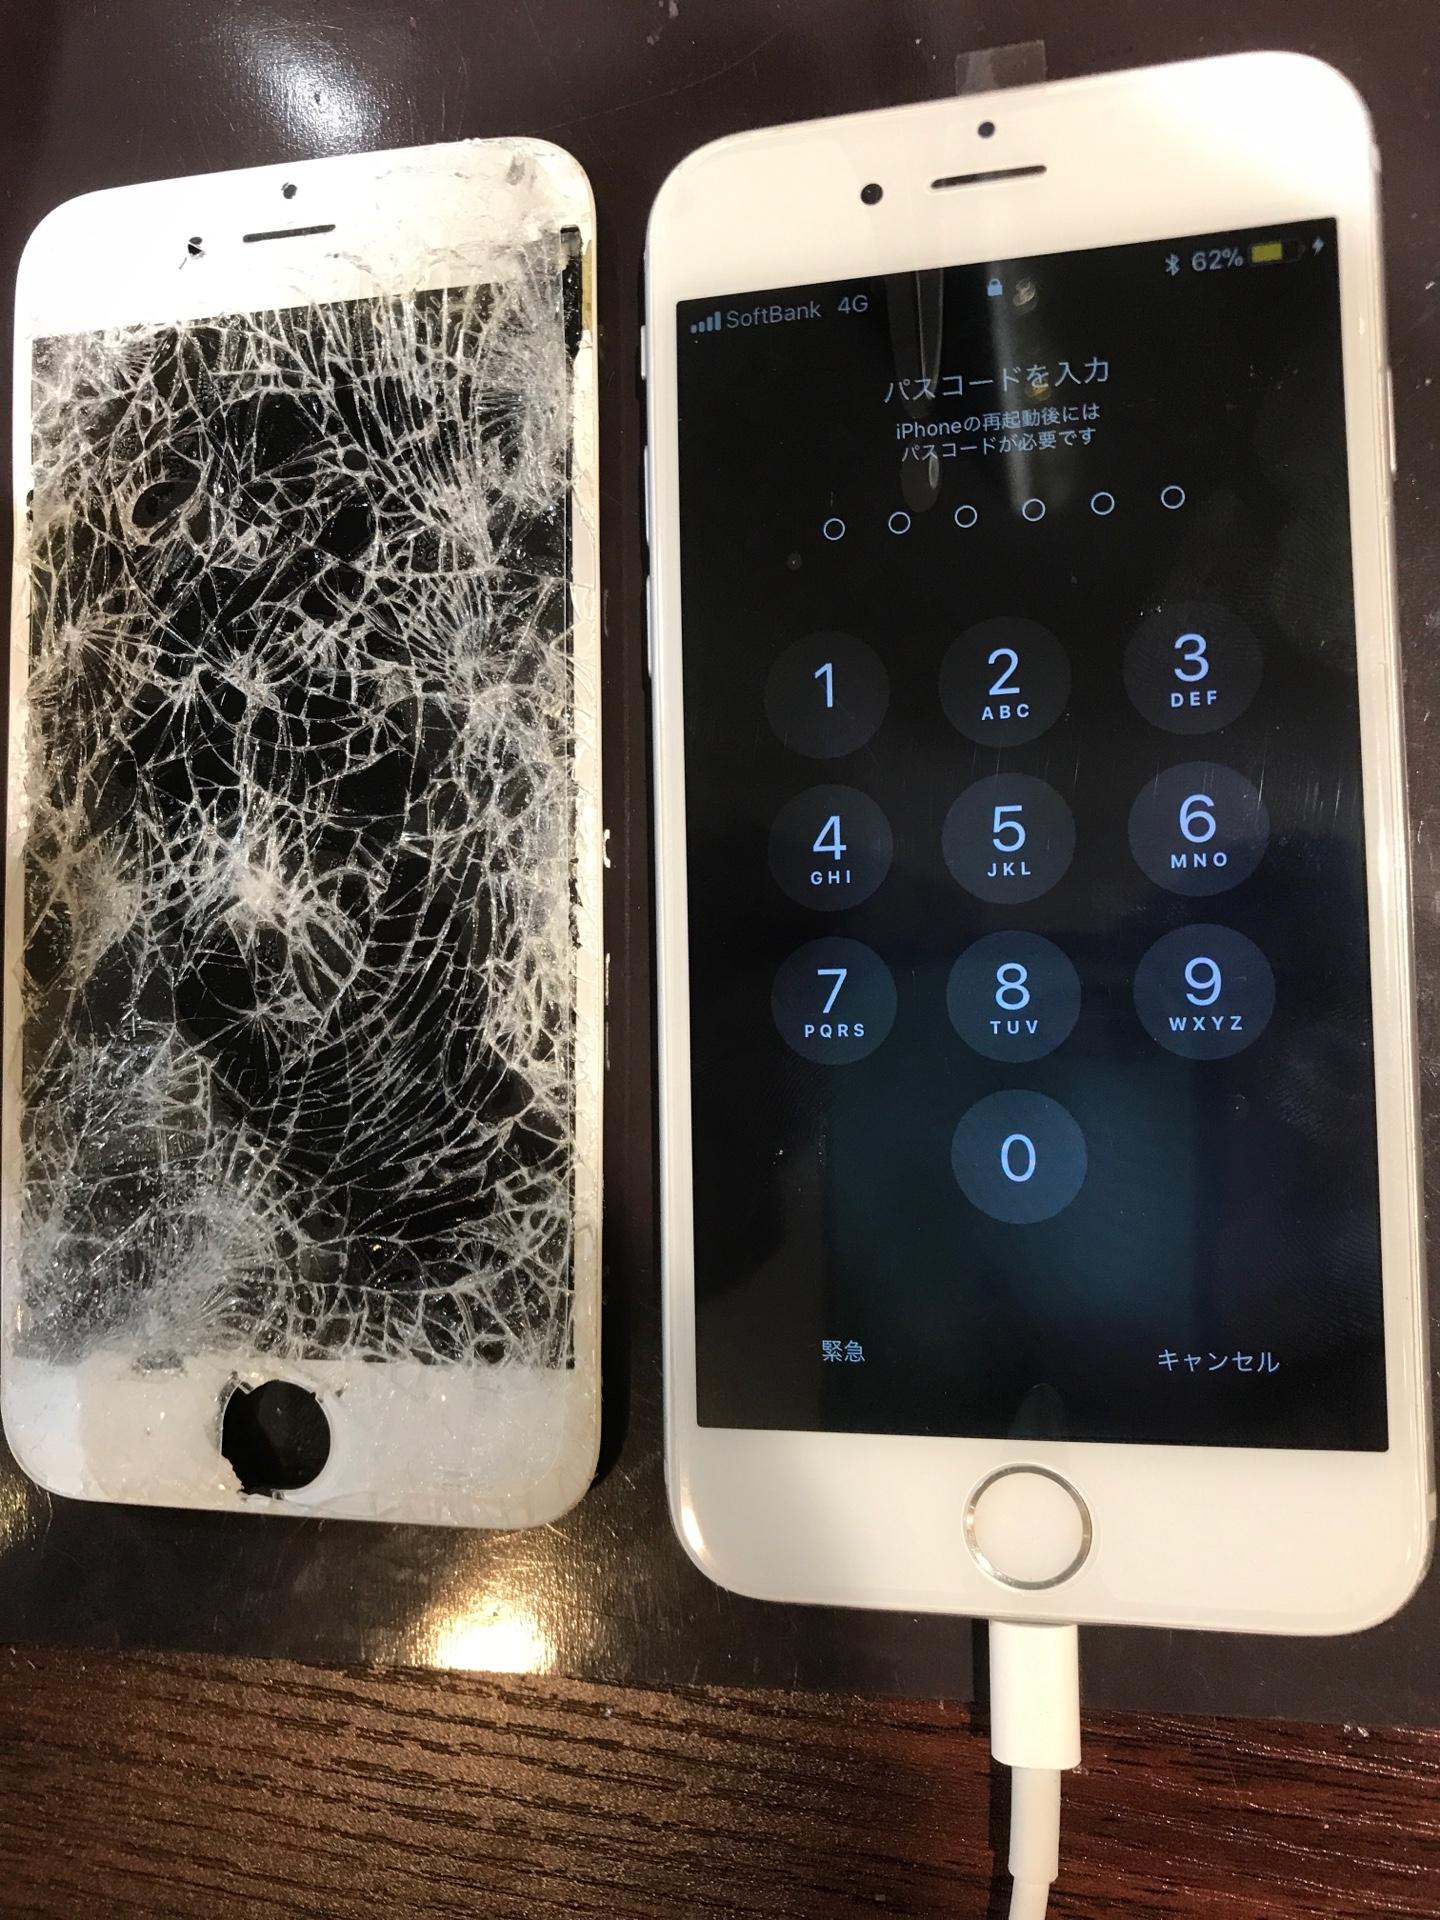 iphone6 画面交換<伊丹市よりお越しのお客様>バッキバキの画面も、スマートクールなら40分ほどで修理可能です!!